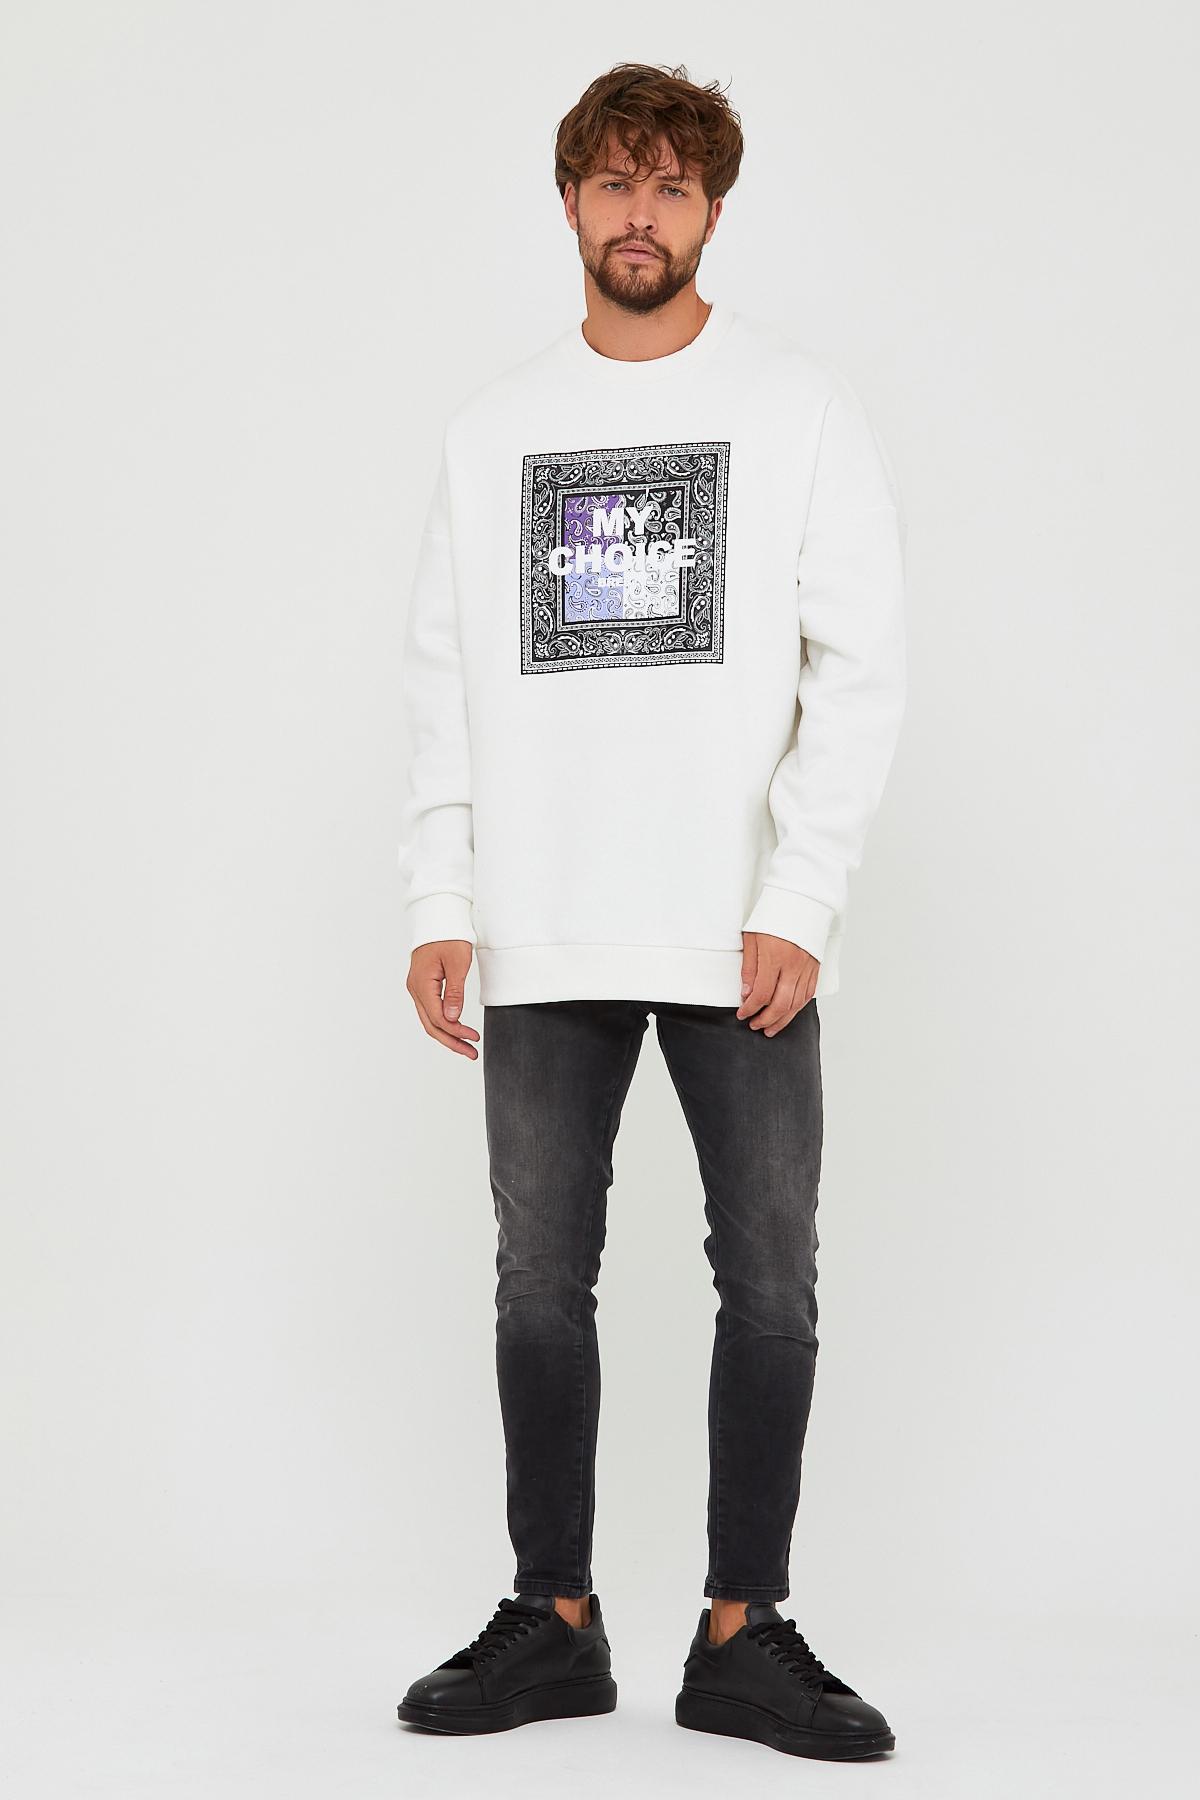 Beyaz Üç İplik Baskılı Sweatshirt 2KXE8-45500-01